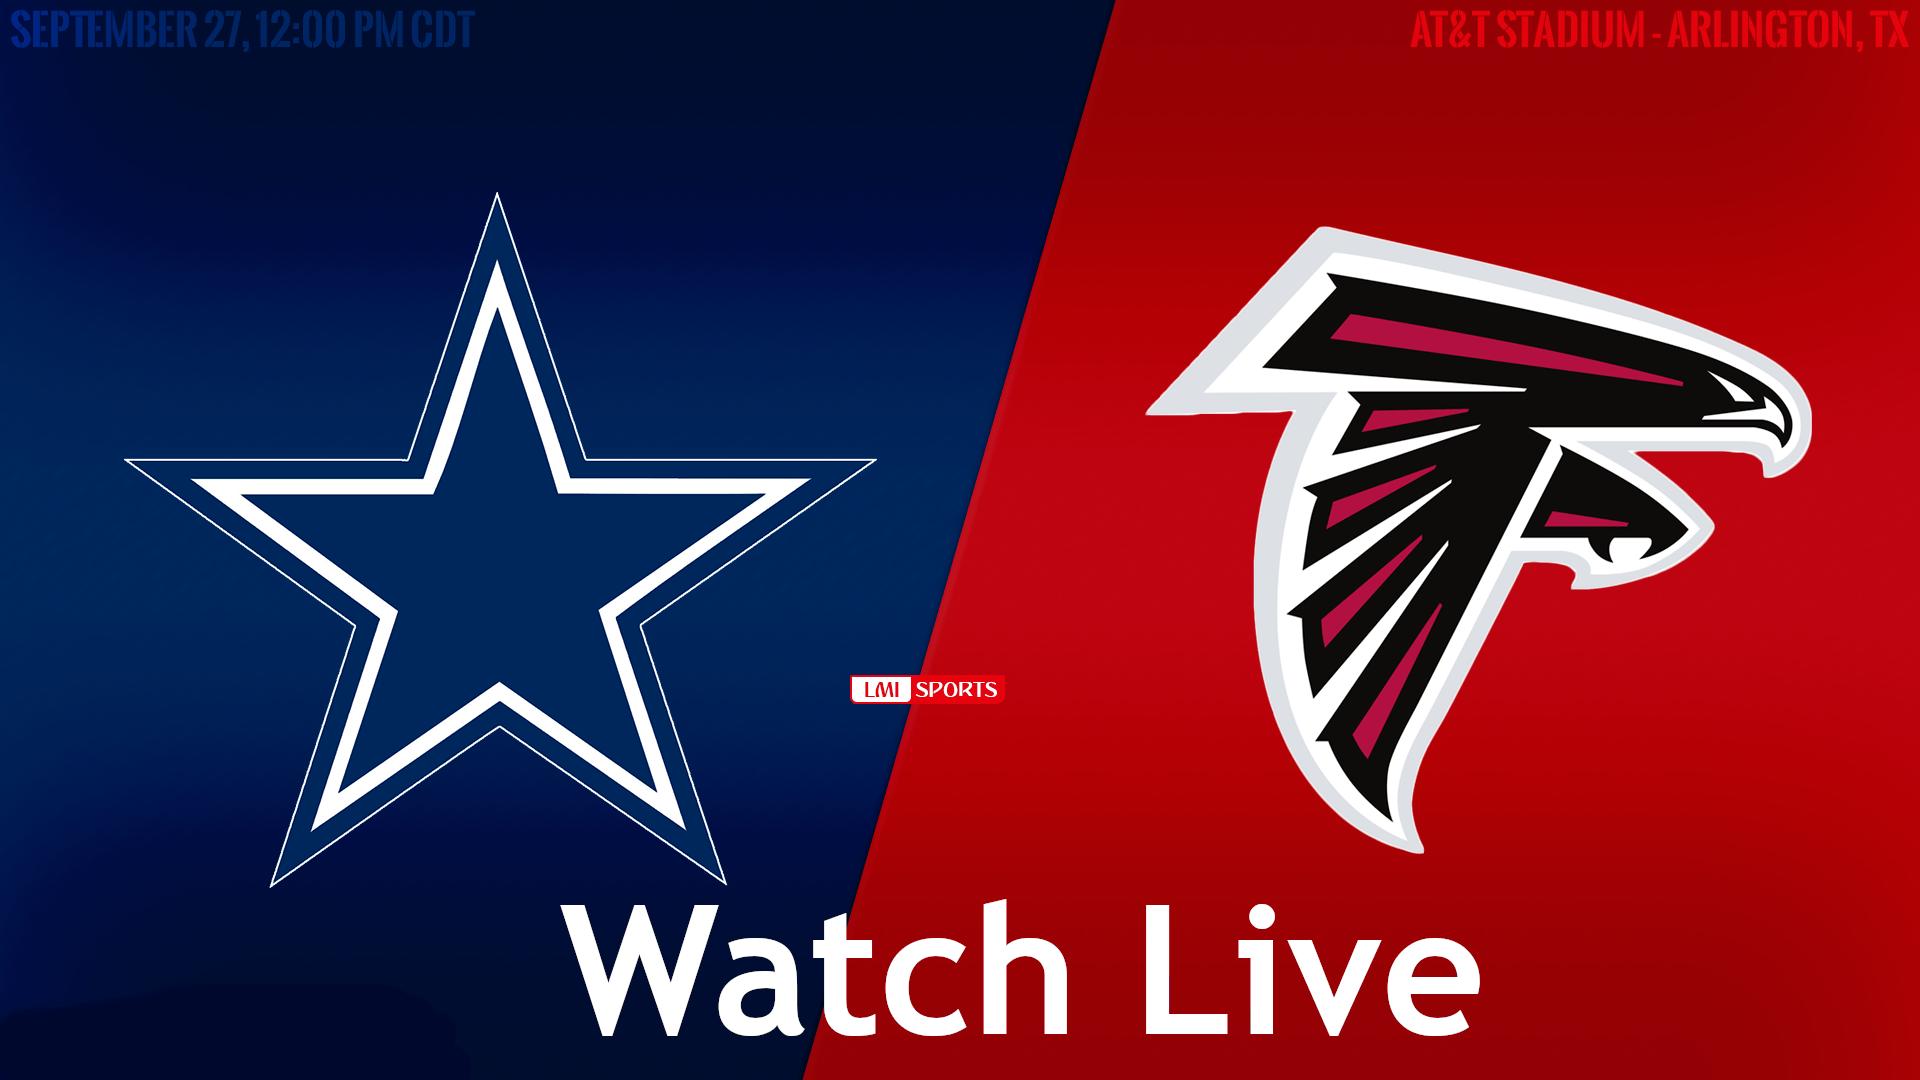 NFL Live: Falcons vs Cowboys Reddit NFL Streams 20 Sep 2020